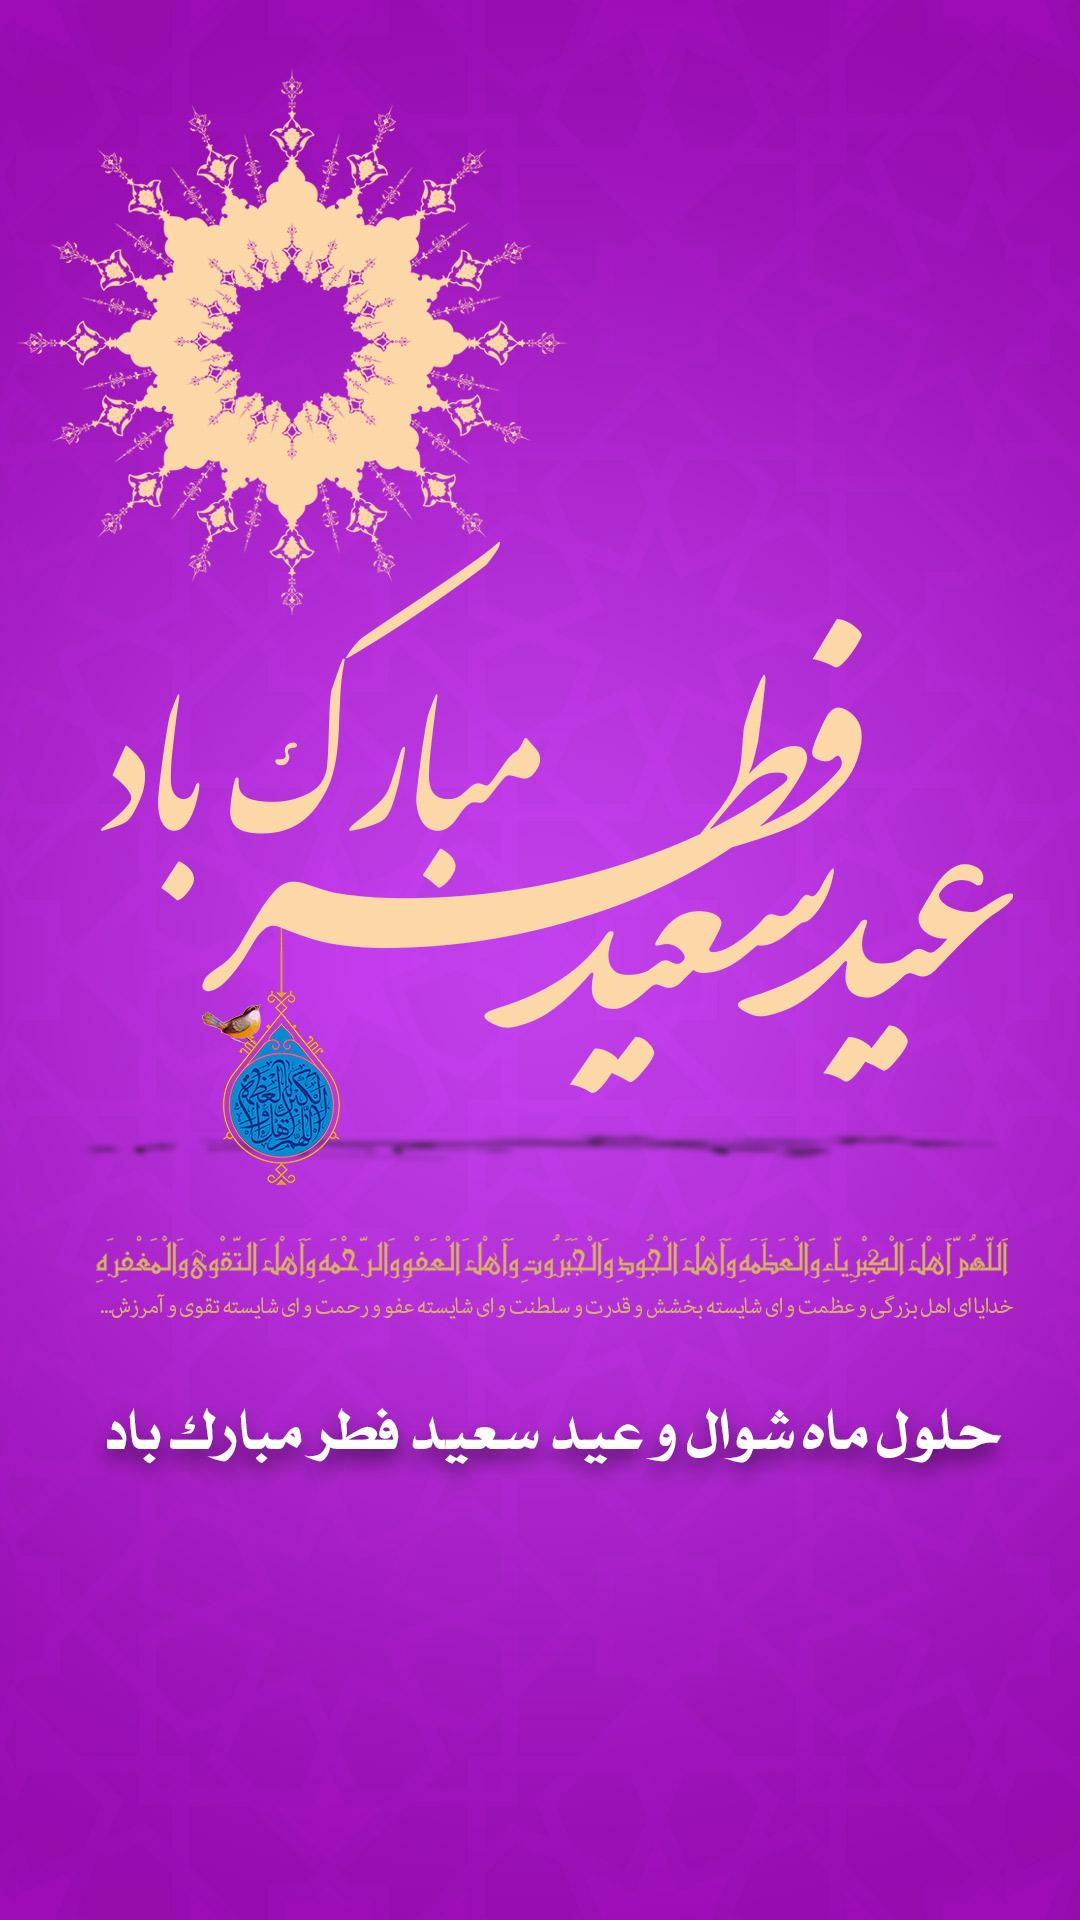 Stori_Eid_Fetr_1397_lmage